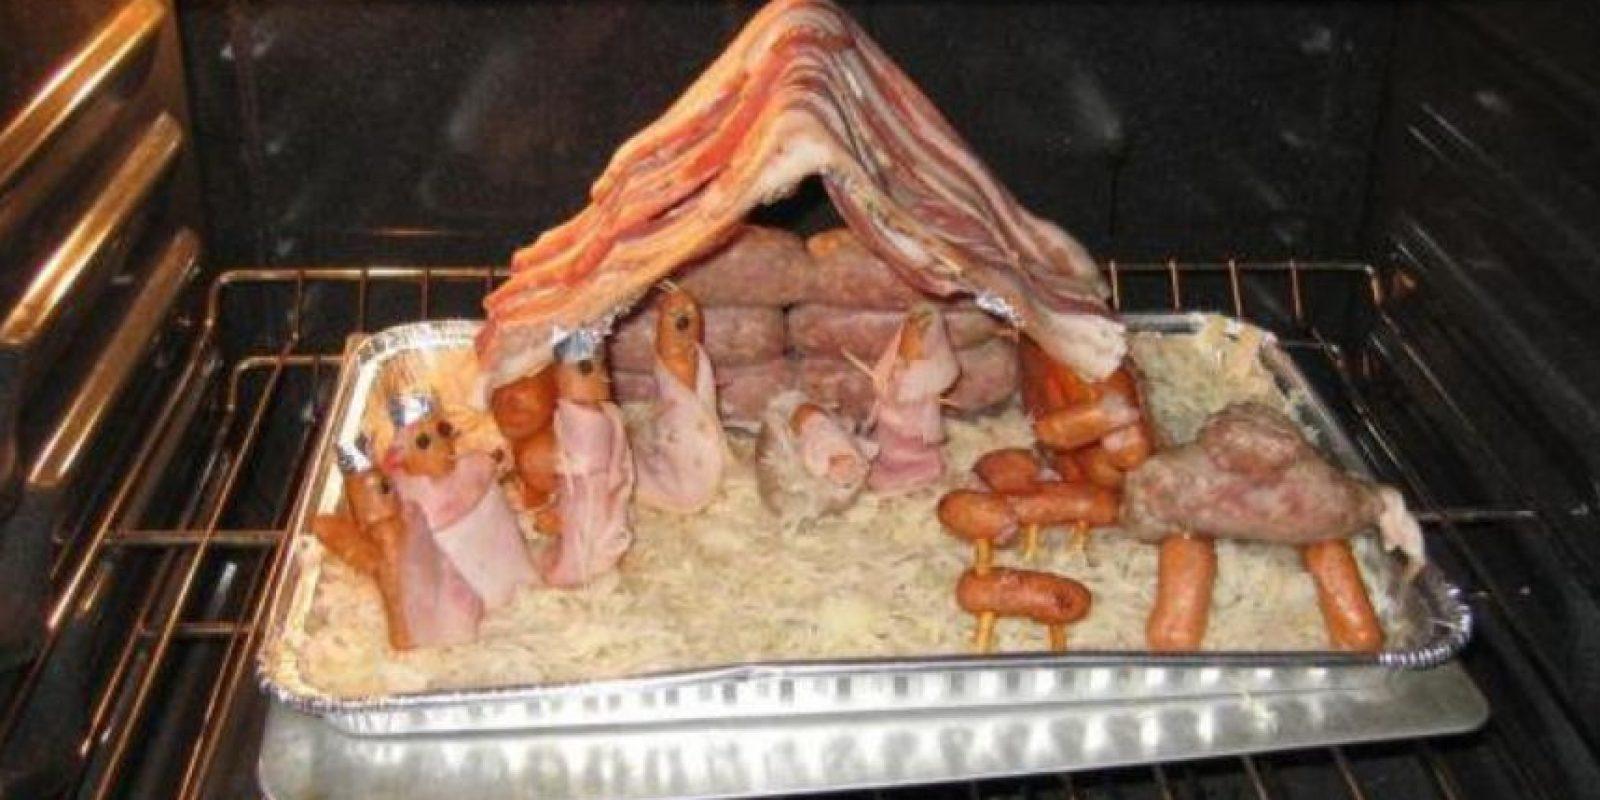 Las salchichas celebran el nacimiento de Jesús. Foto:Reddit